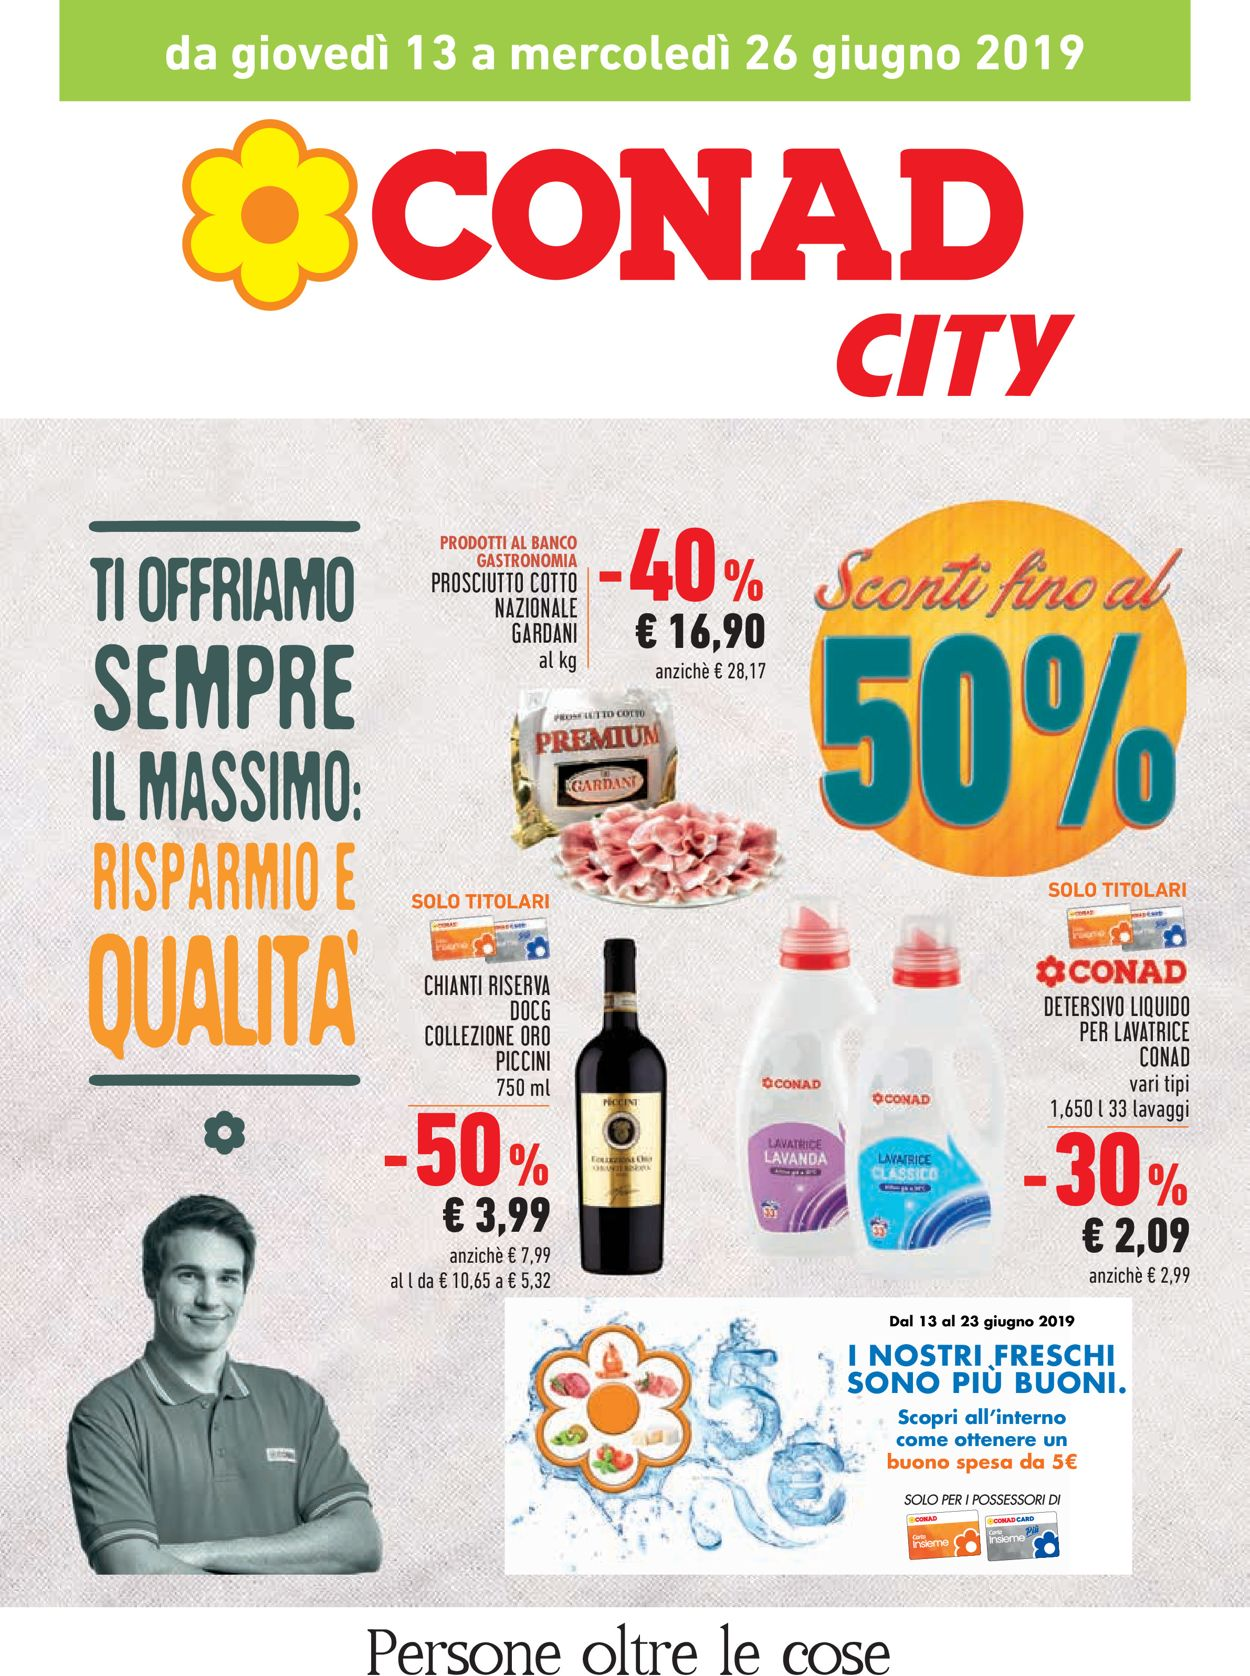 Volantino Conad - Offerte 13/06-26/06/2019